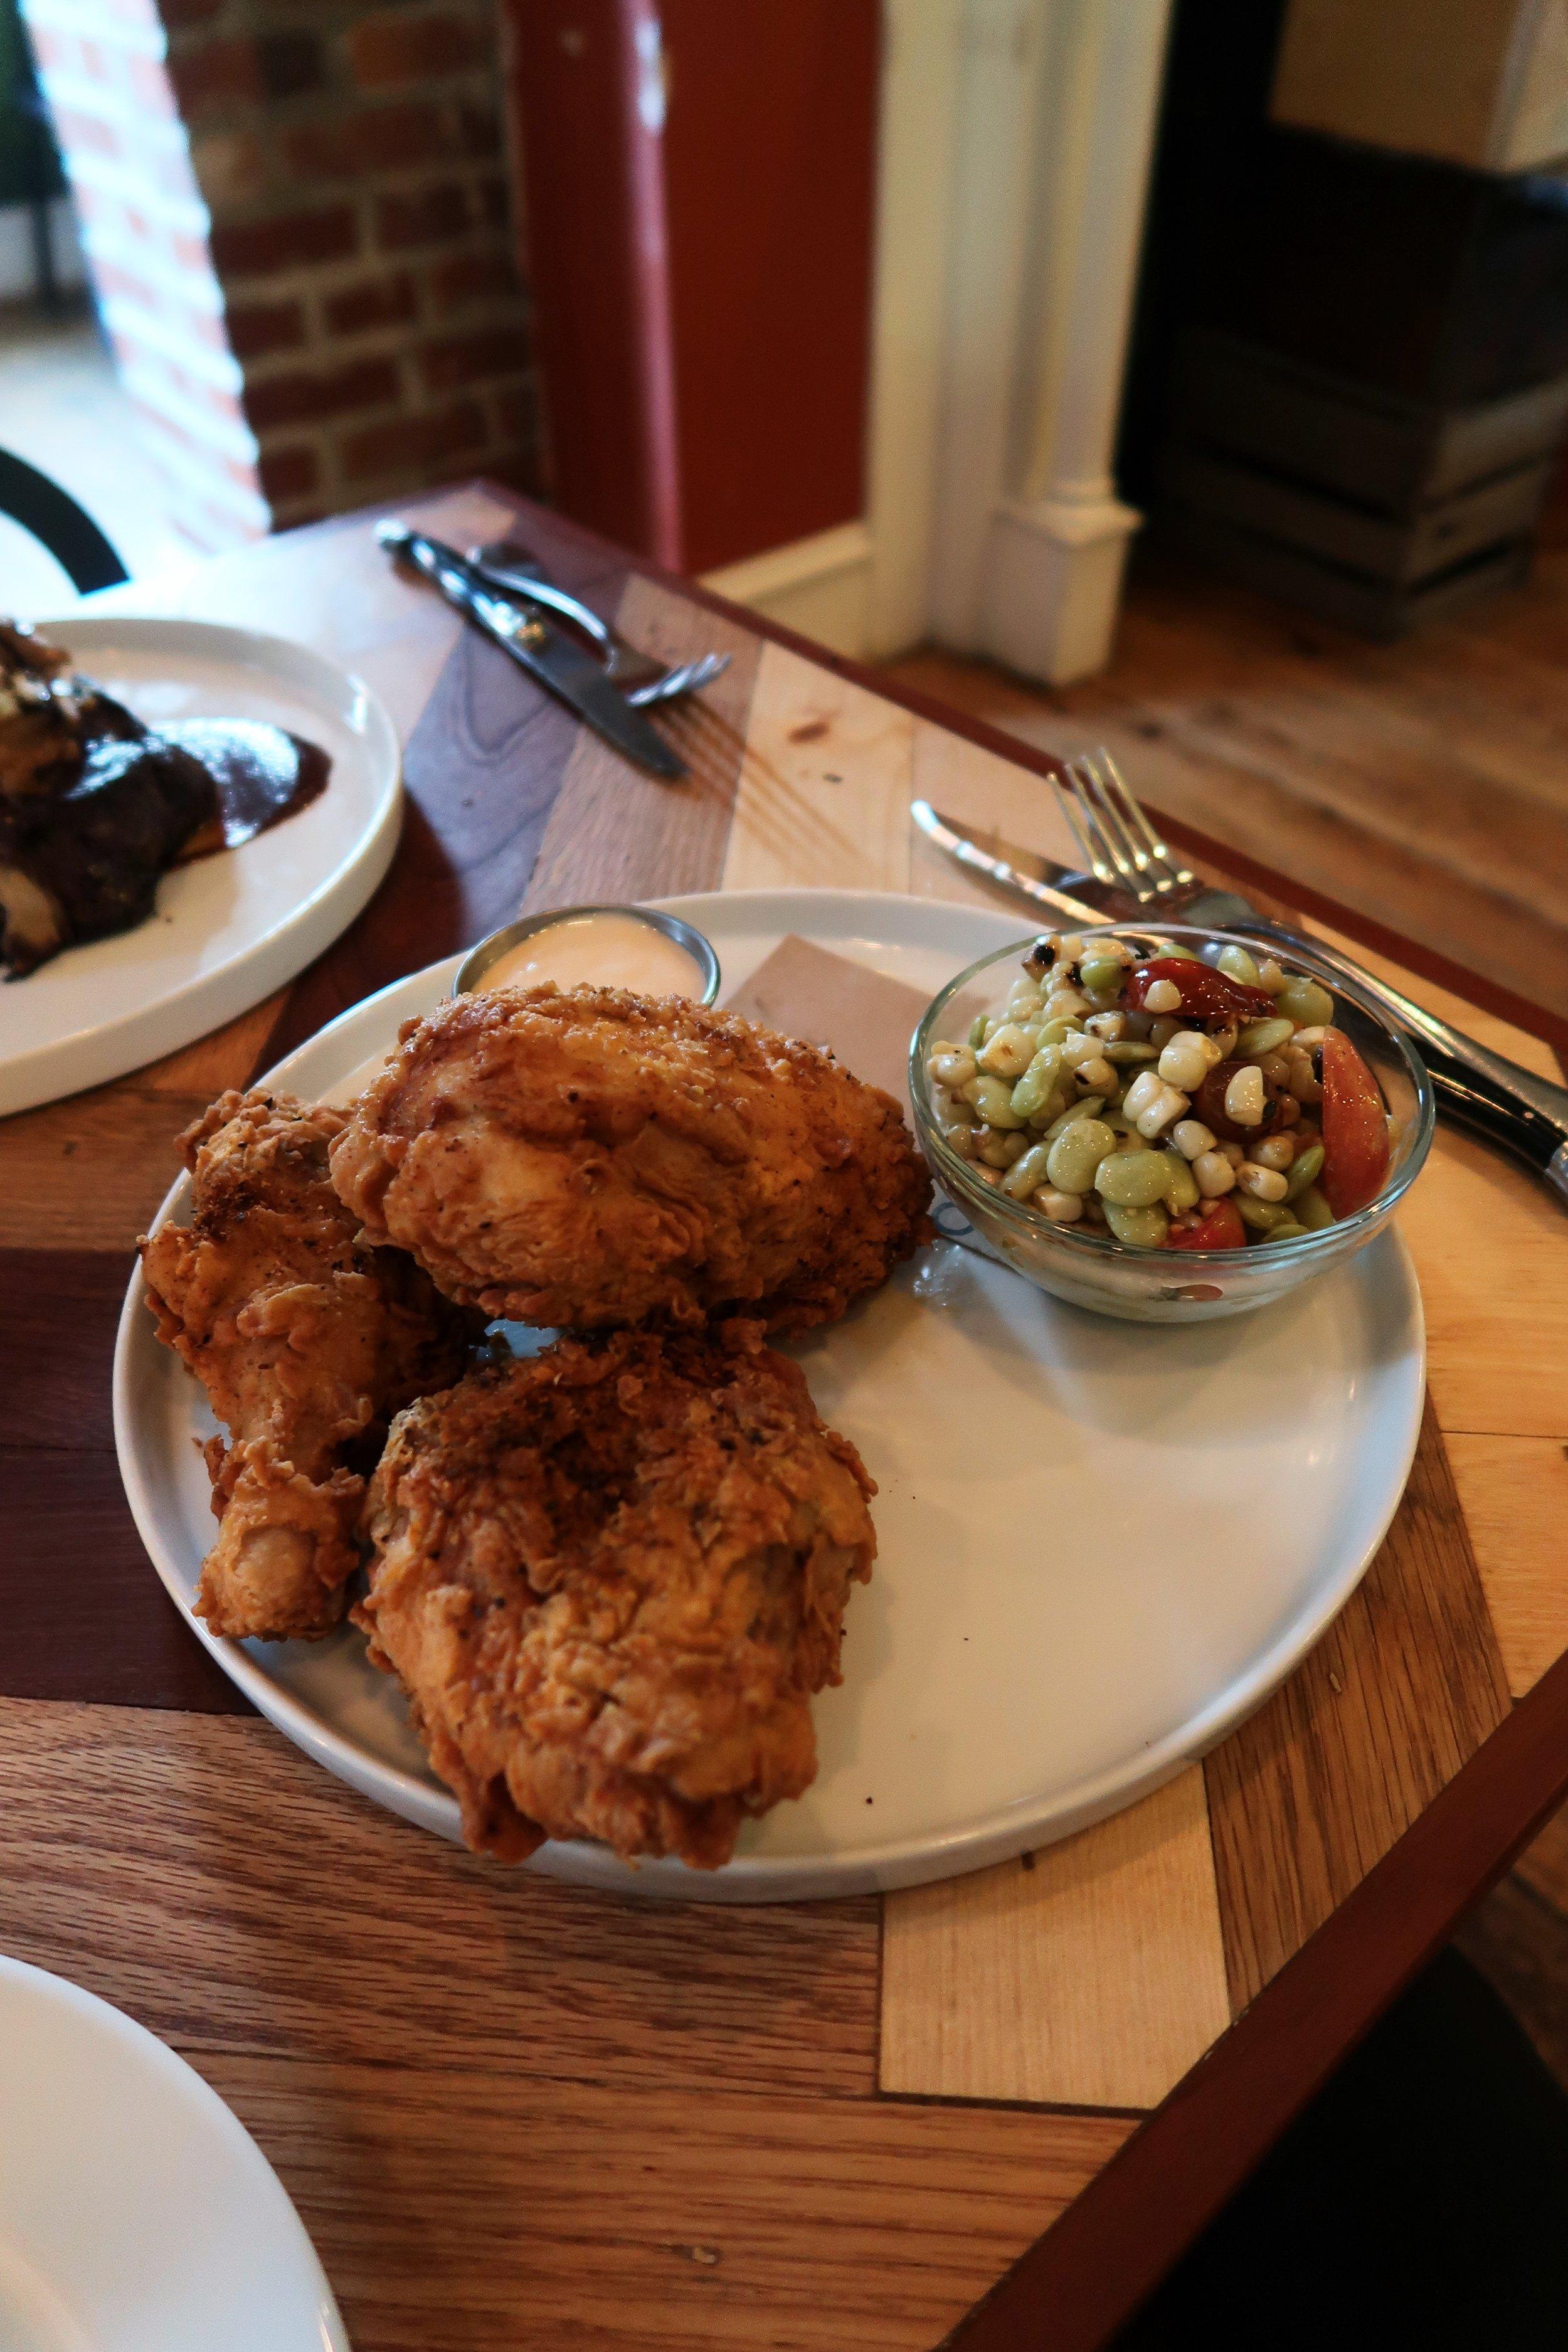 Special: Half fried chicken